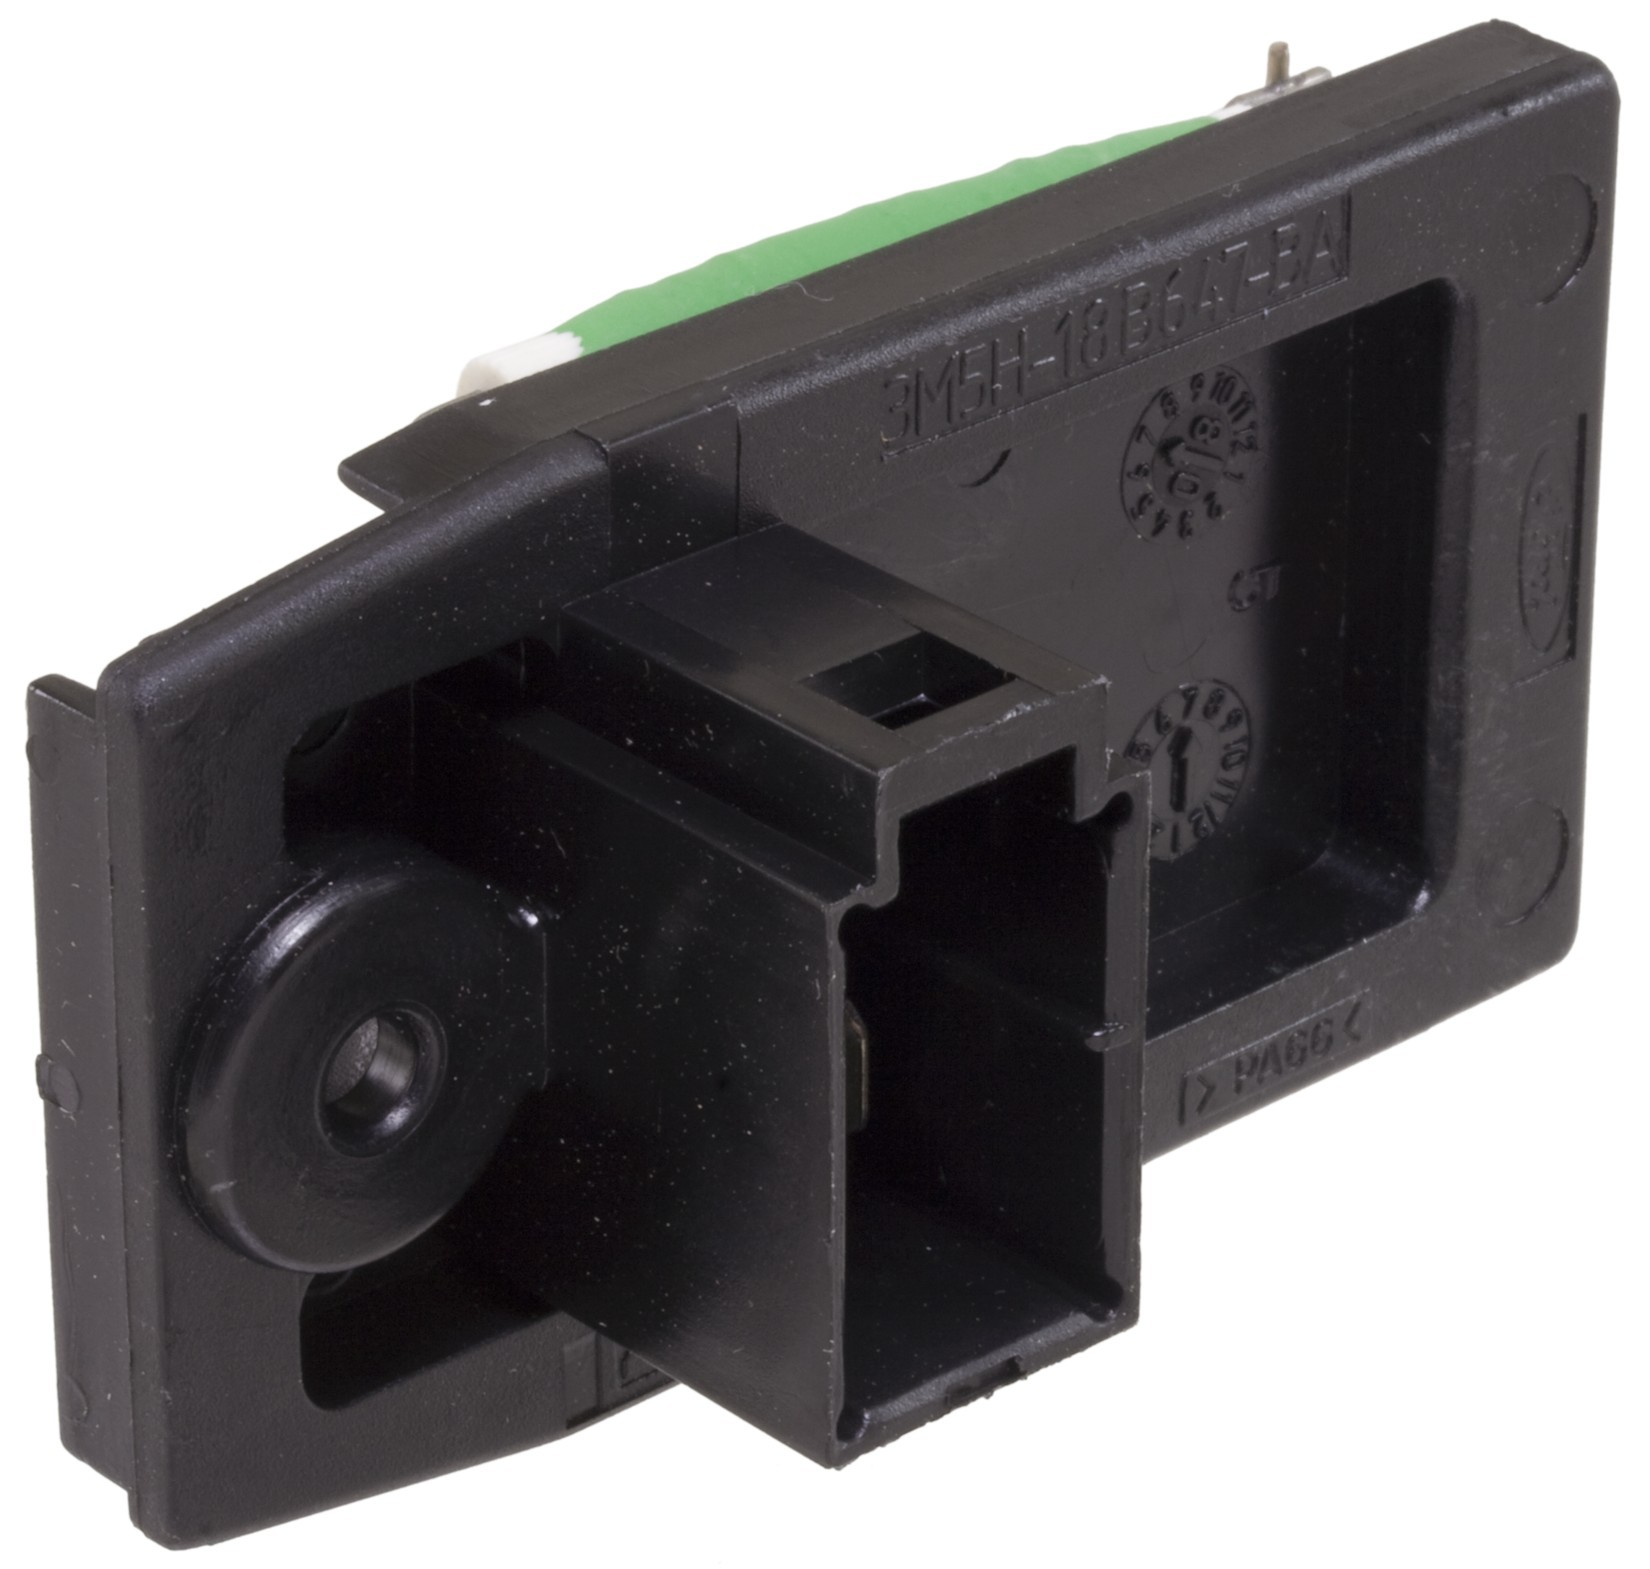 Hvac blower motor resistor wells ja1702 ebay for Autozone blower motor resistor